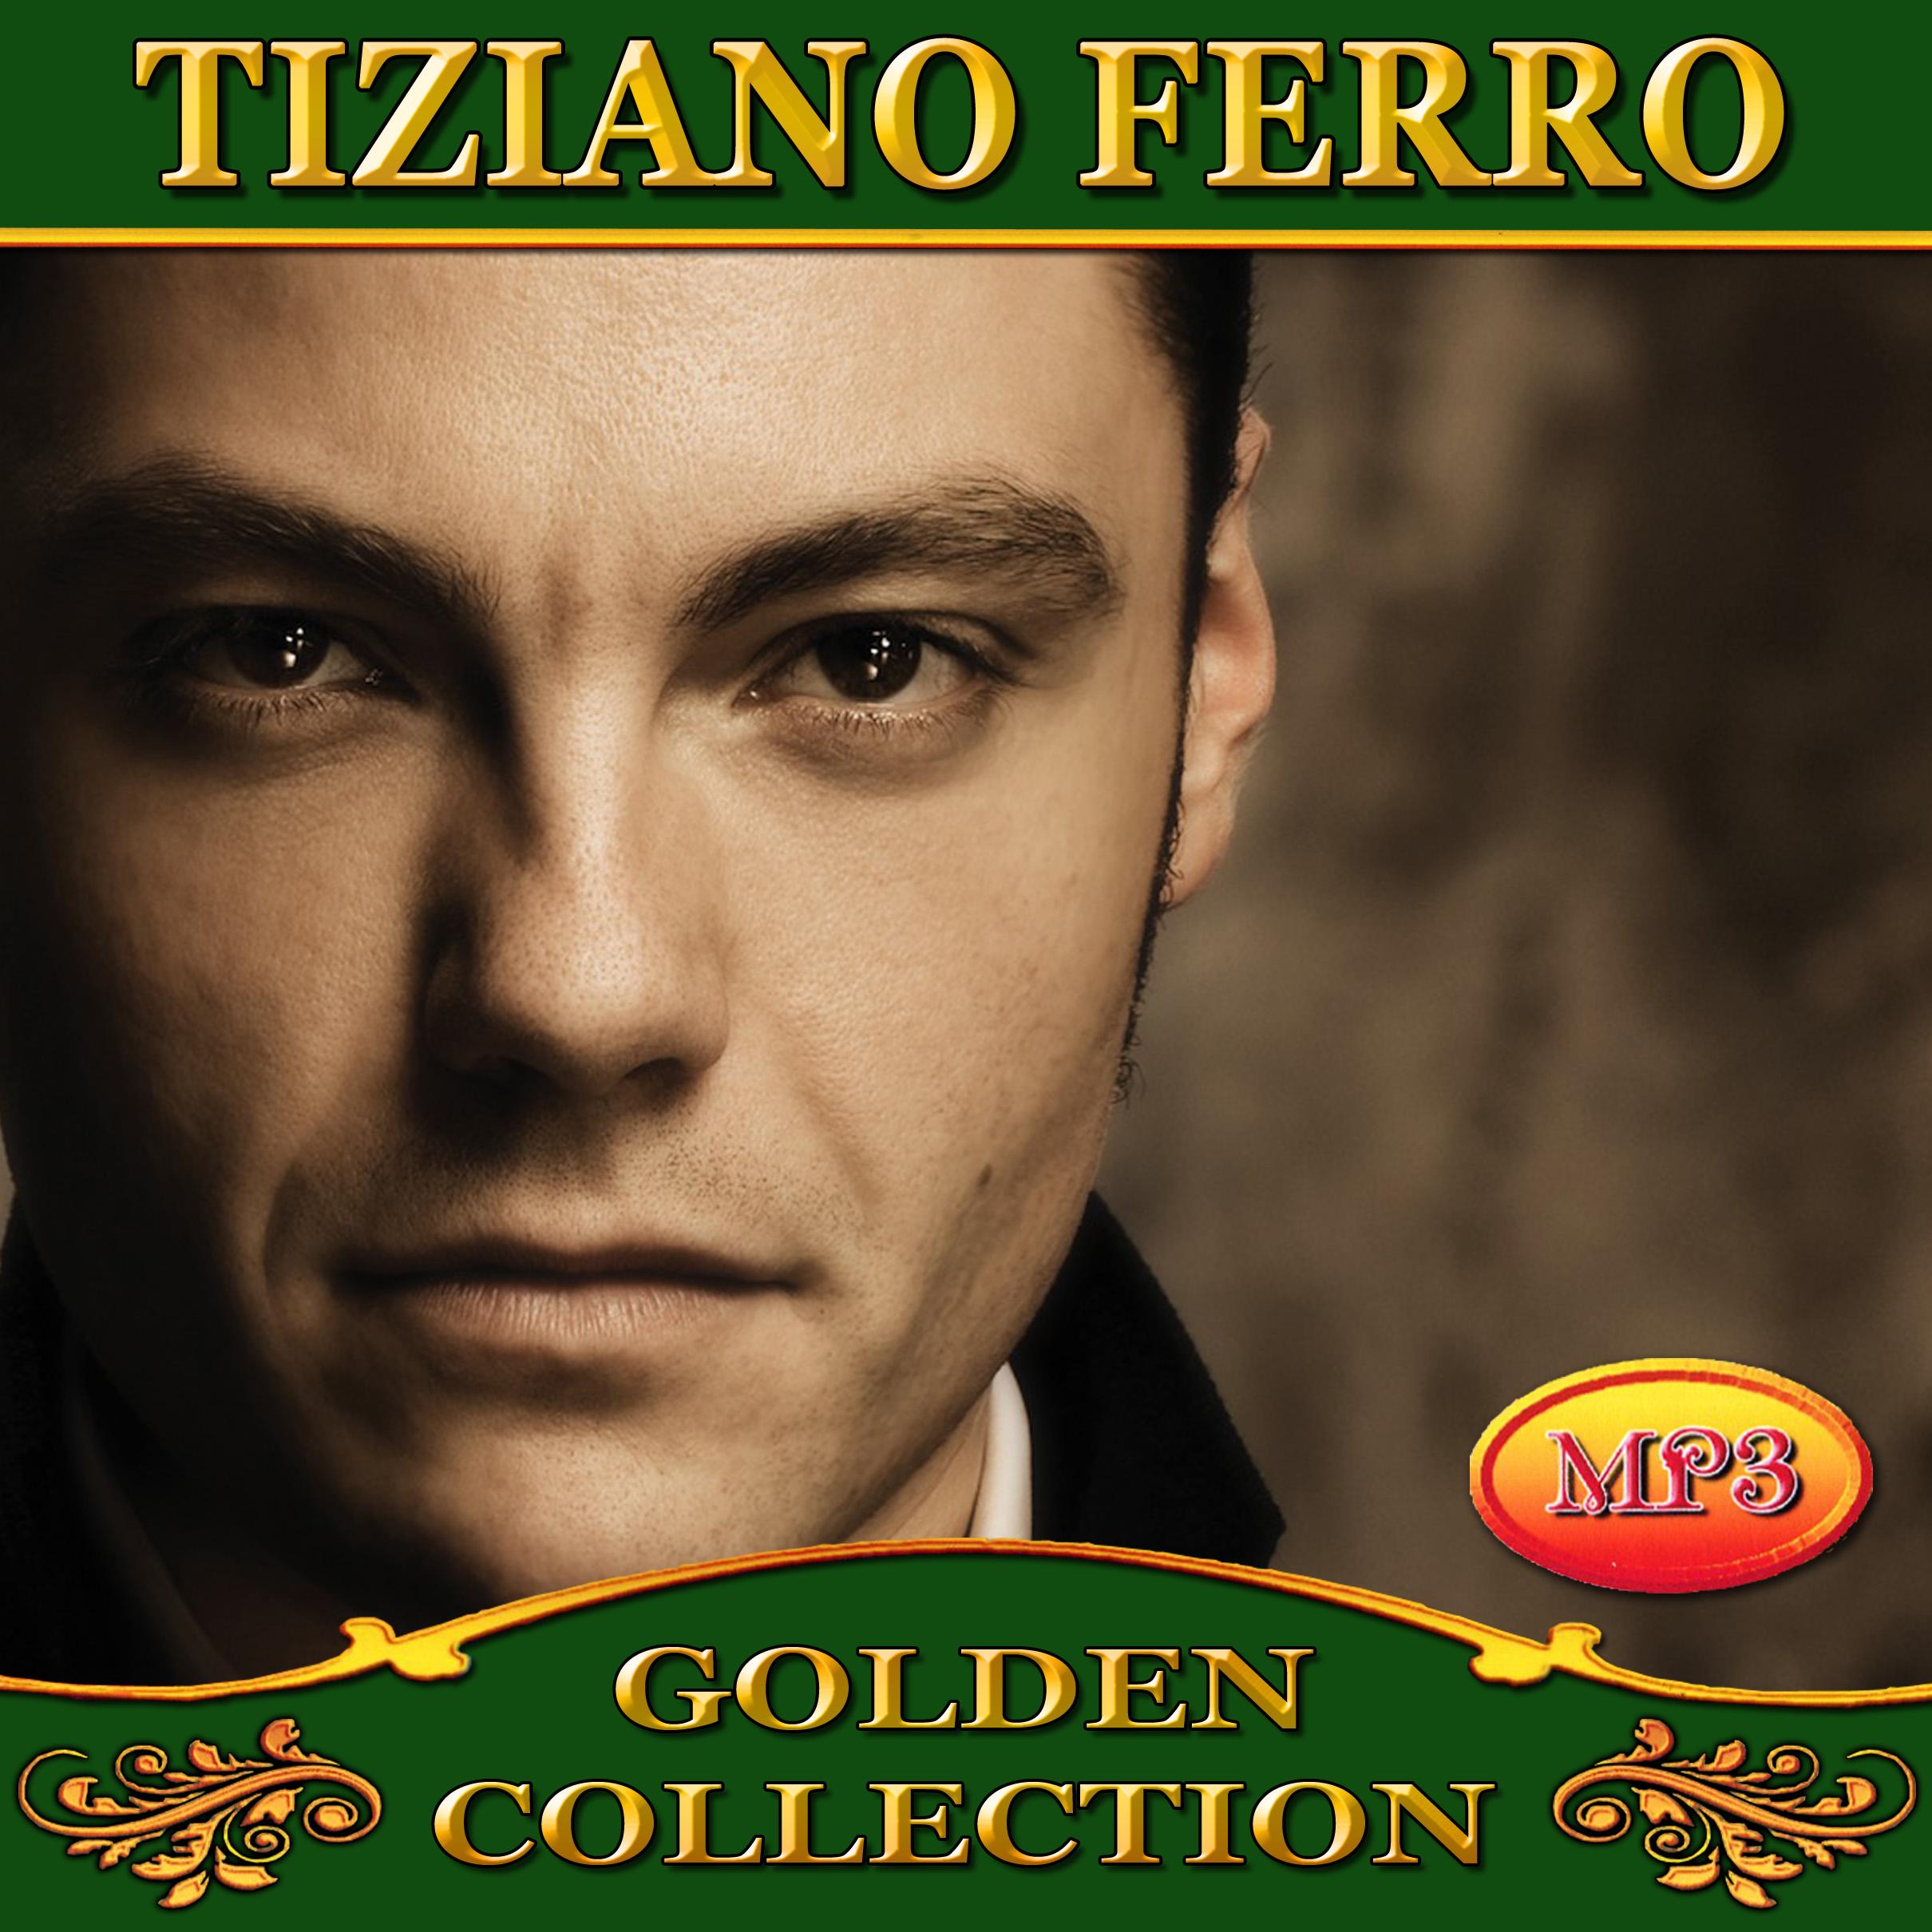 Tiziano Ferro [mp3]